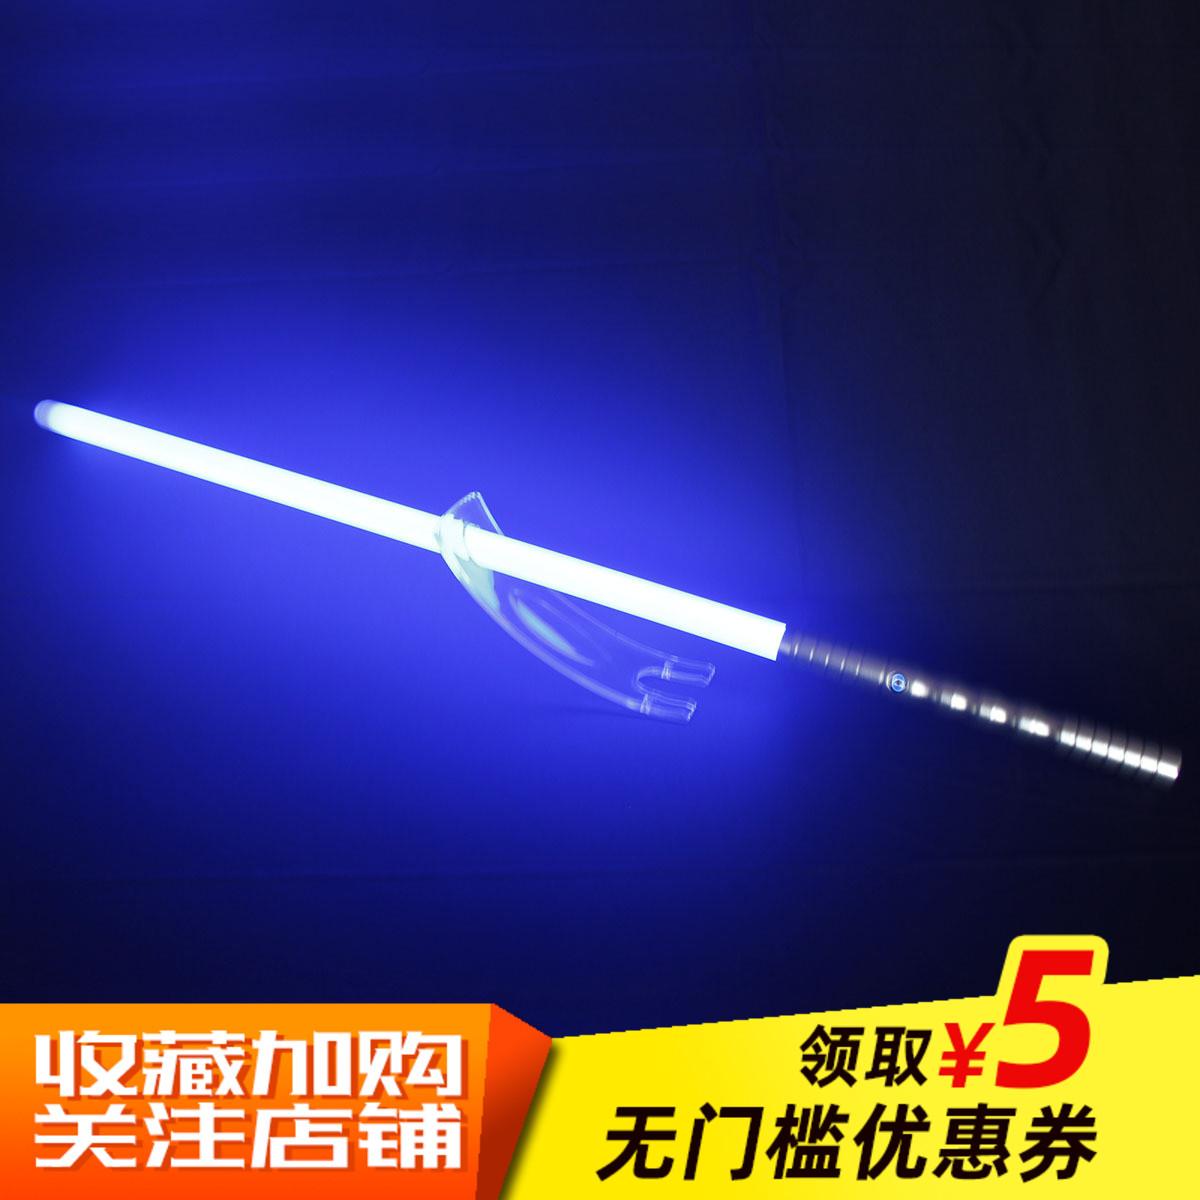 亿达电转剑王光剑星球大战对打光剑成人玩具星战迷金属激光剑